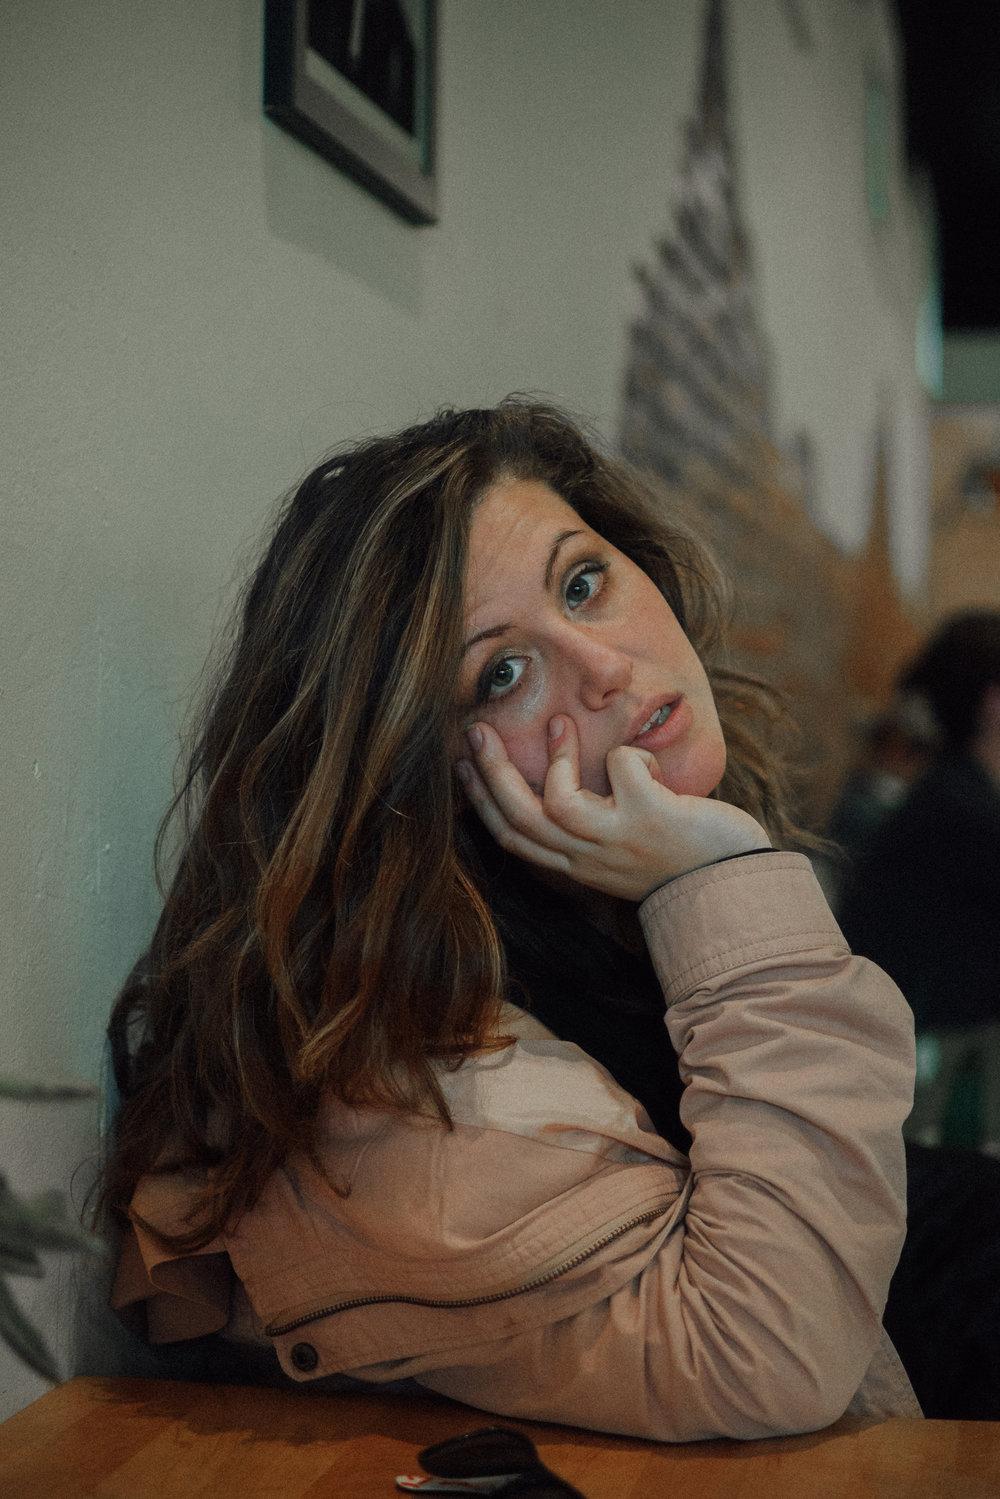 Kat | Photographer